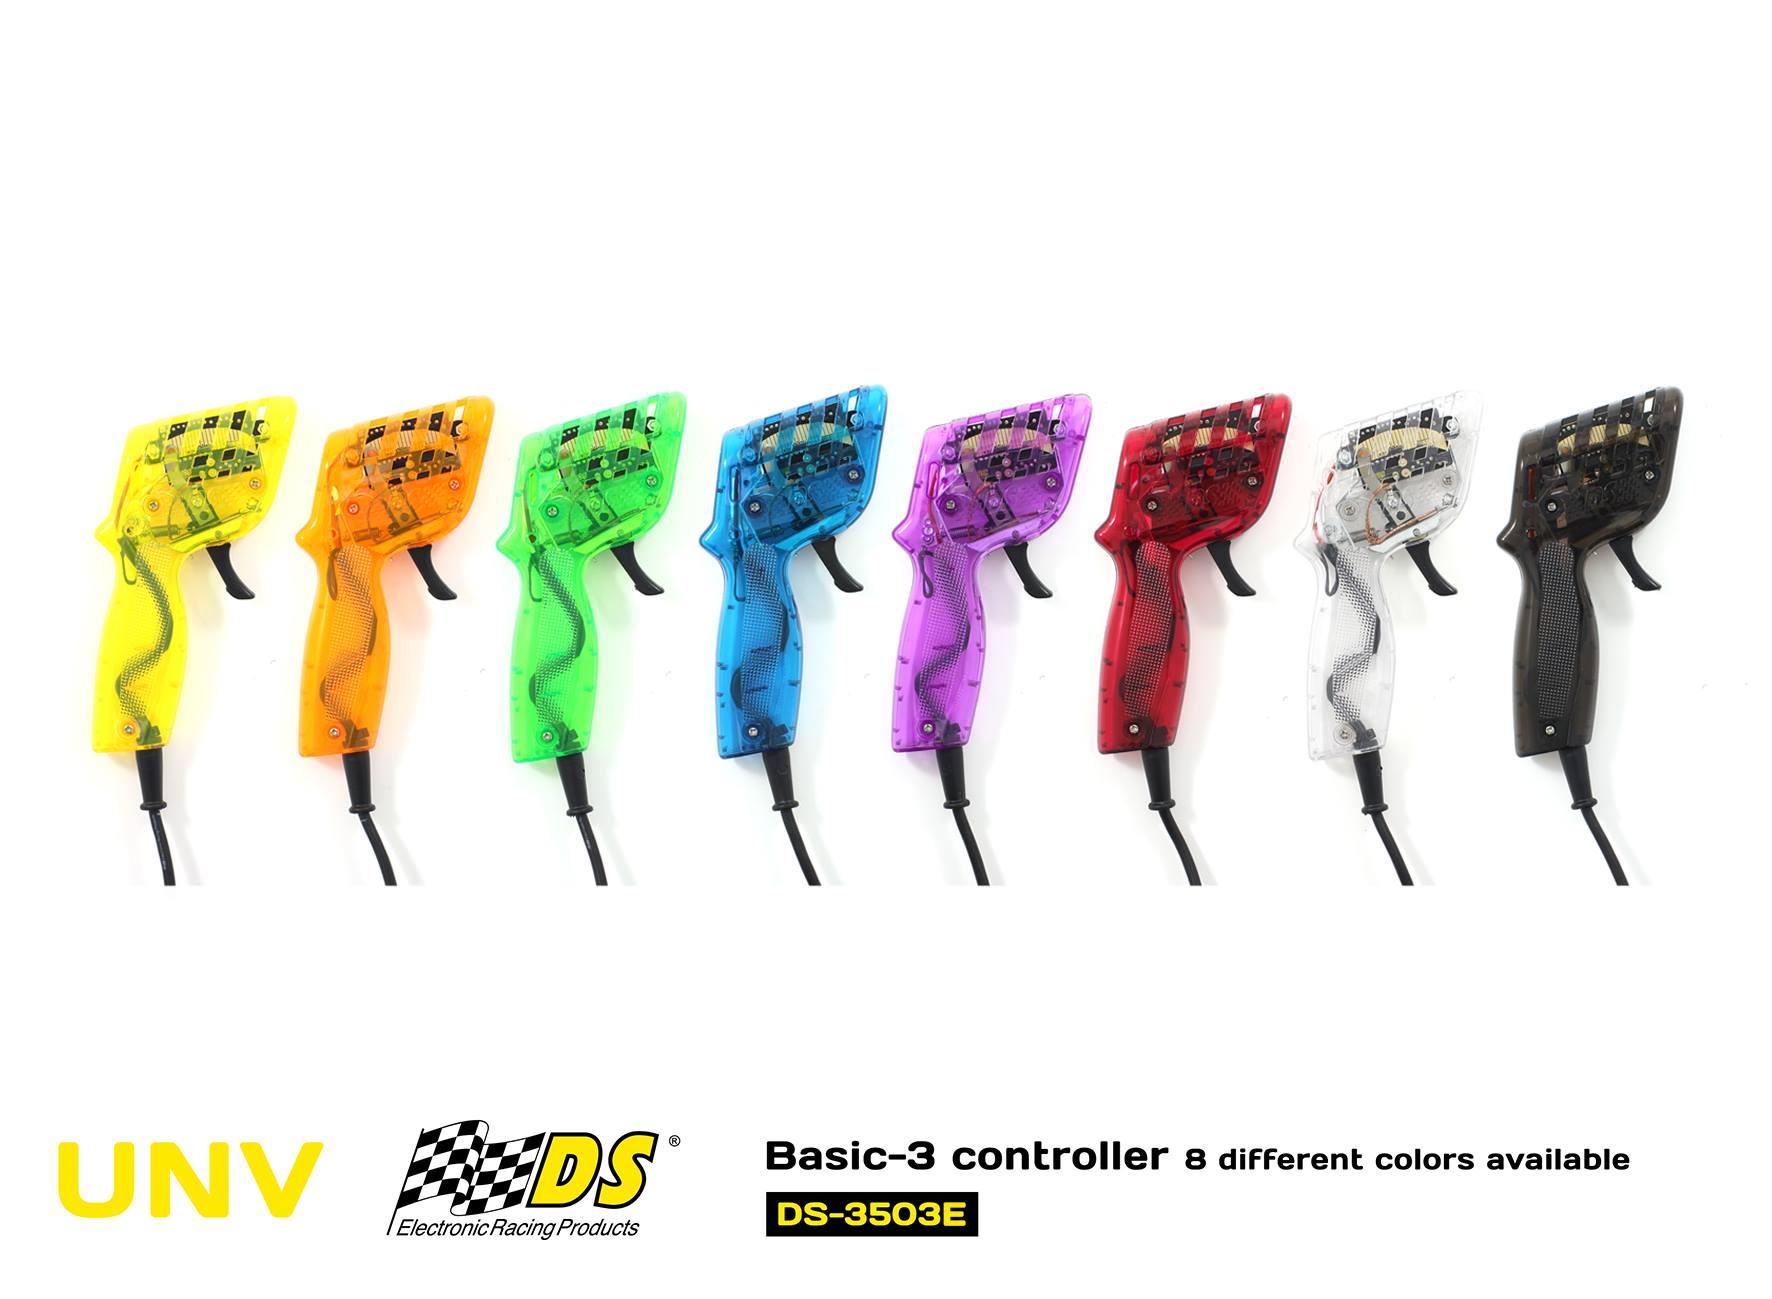 DS Racing: Les Poignées Basic version 3